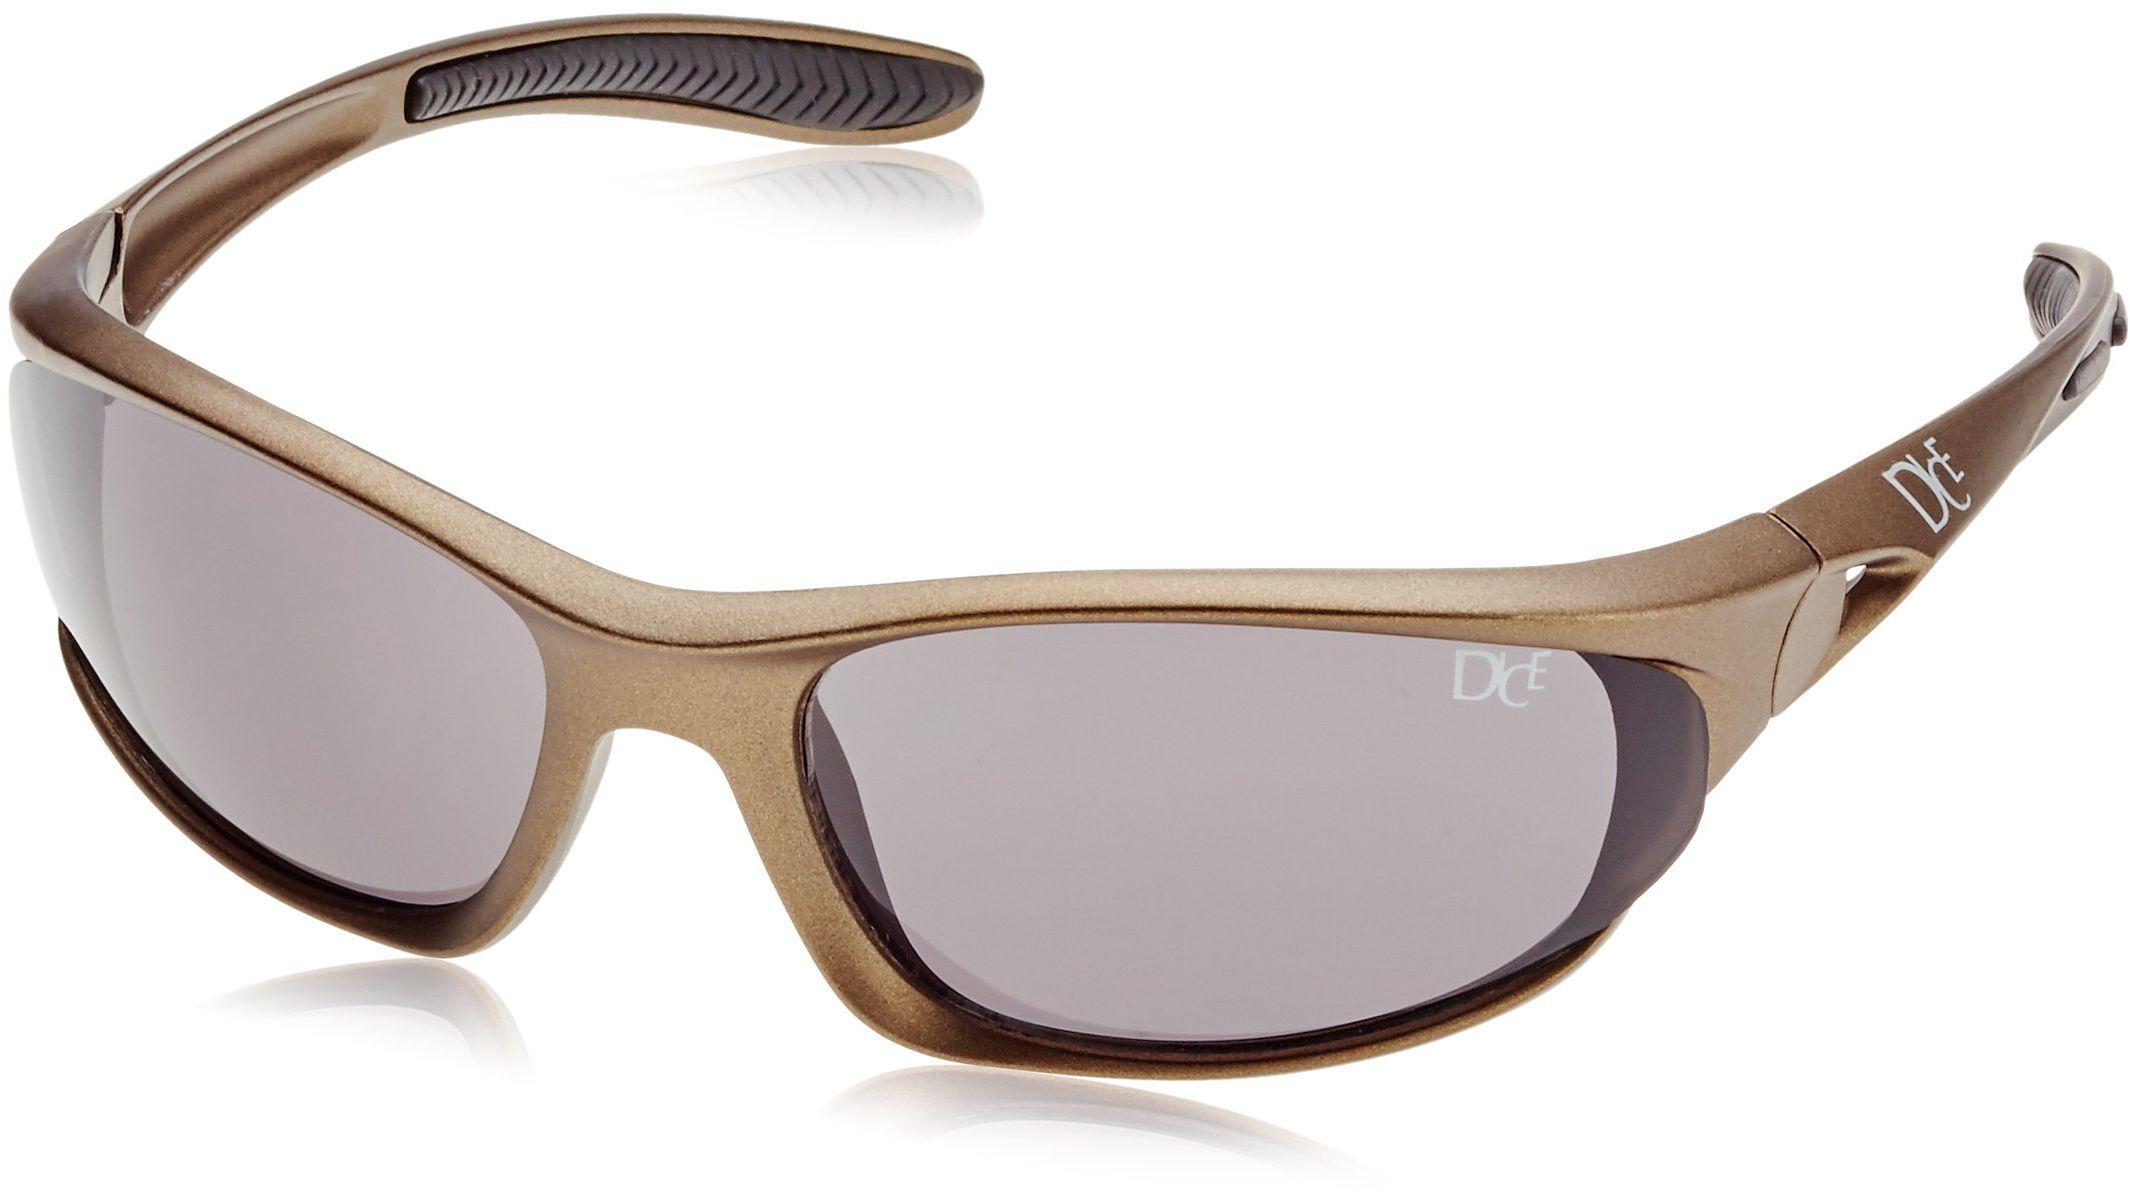 Dice Męskie sportowe okulary przeciwsłoneczne, matowe brown, D03928-3